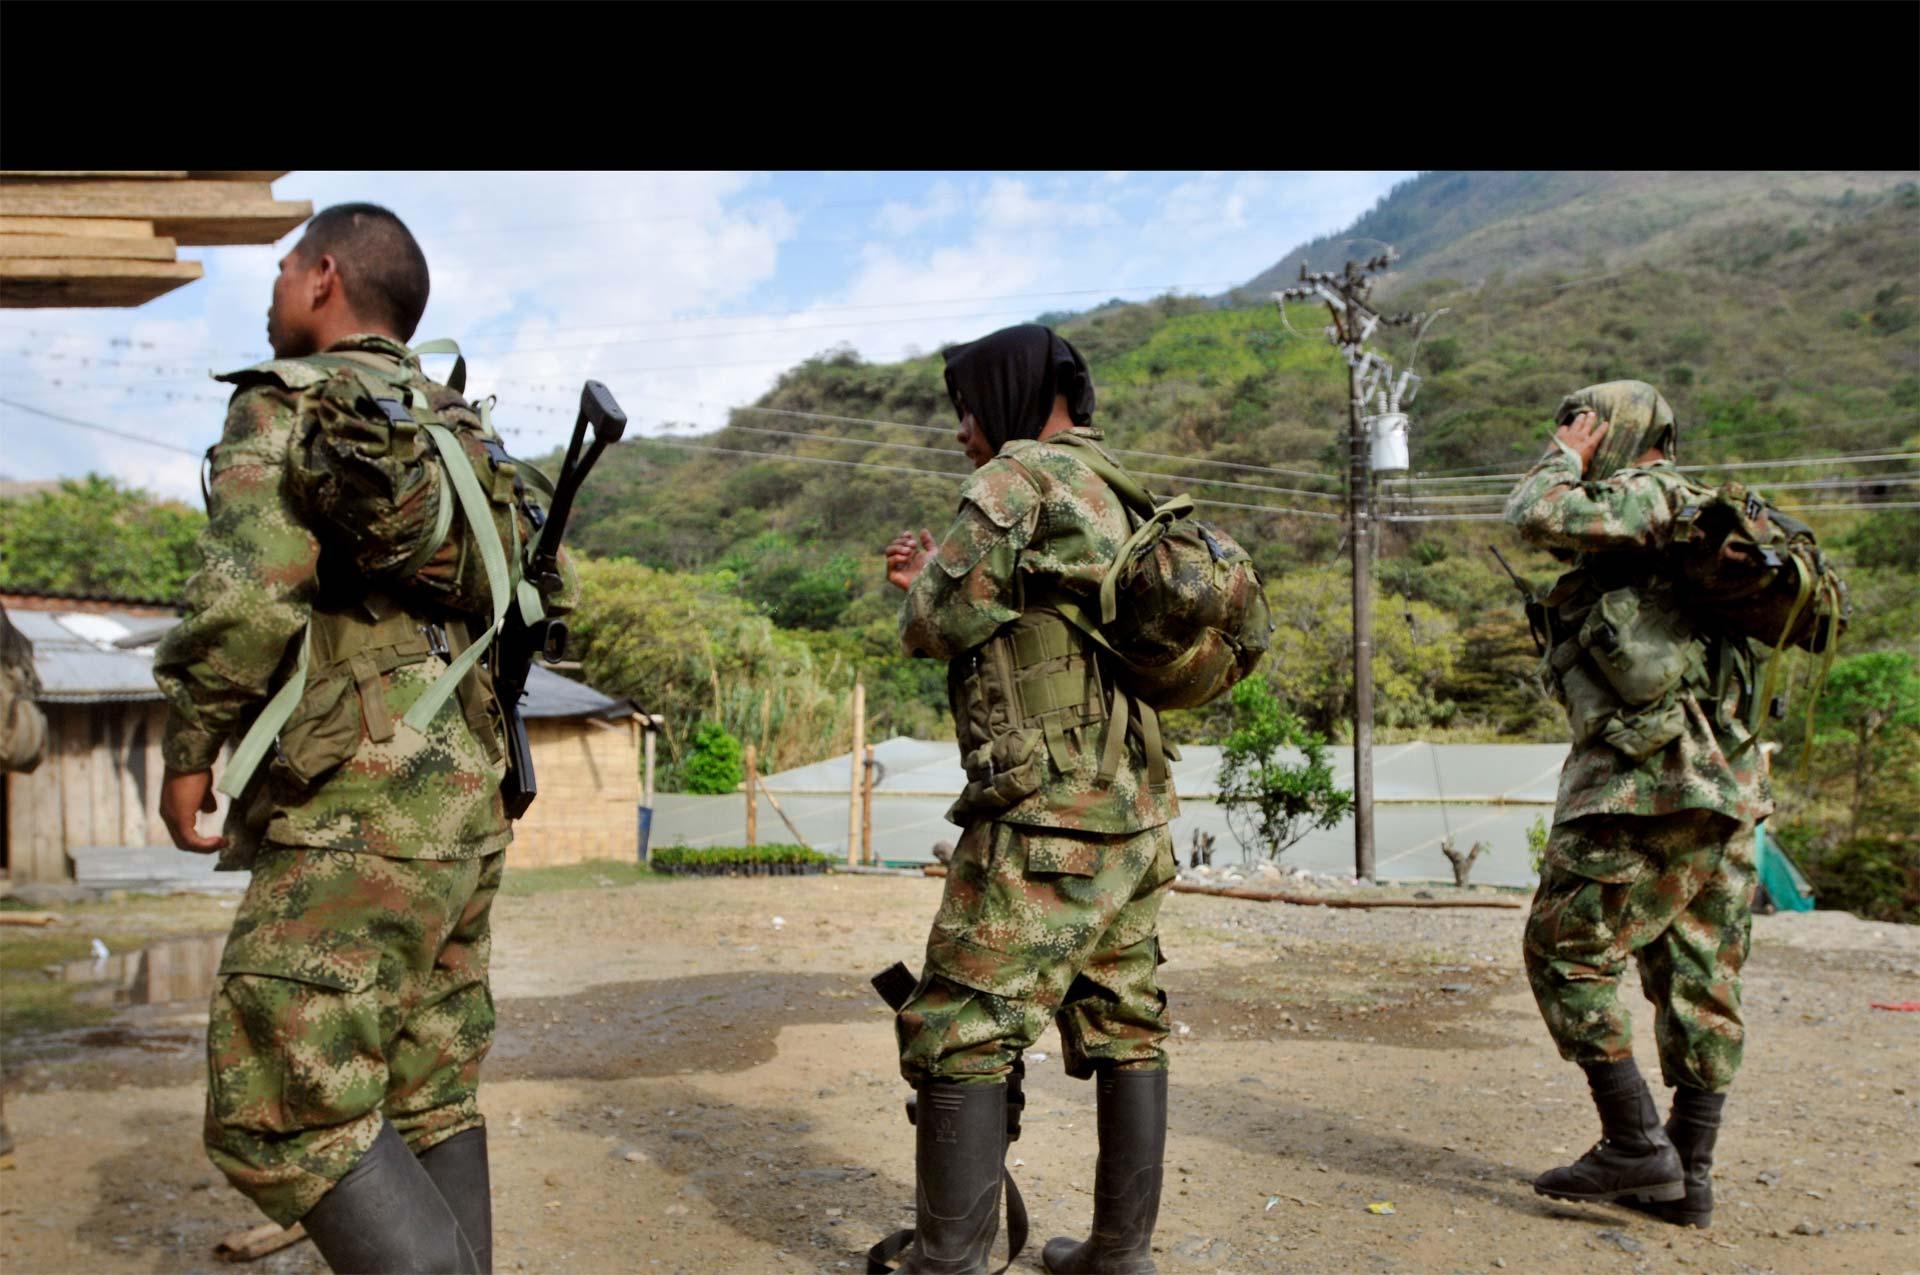 Esto sucedió en el marco del proceso de paz entre el Gobierno y las Fuerzas Armadas Revolucionarias de Colombia